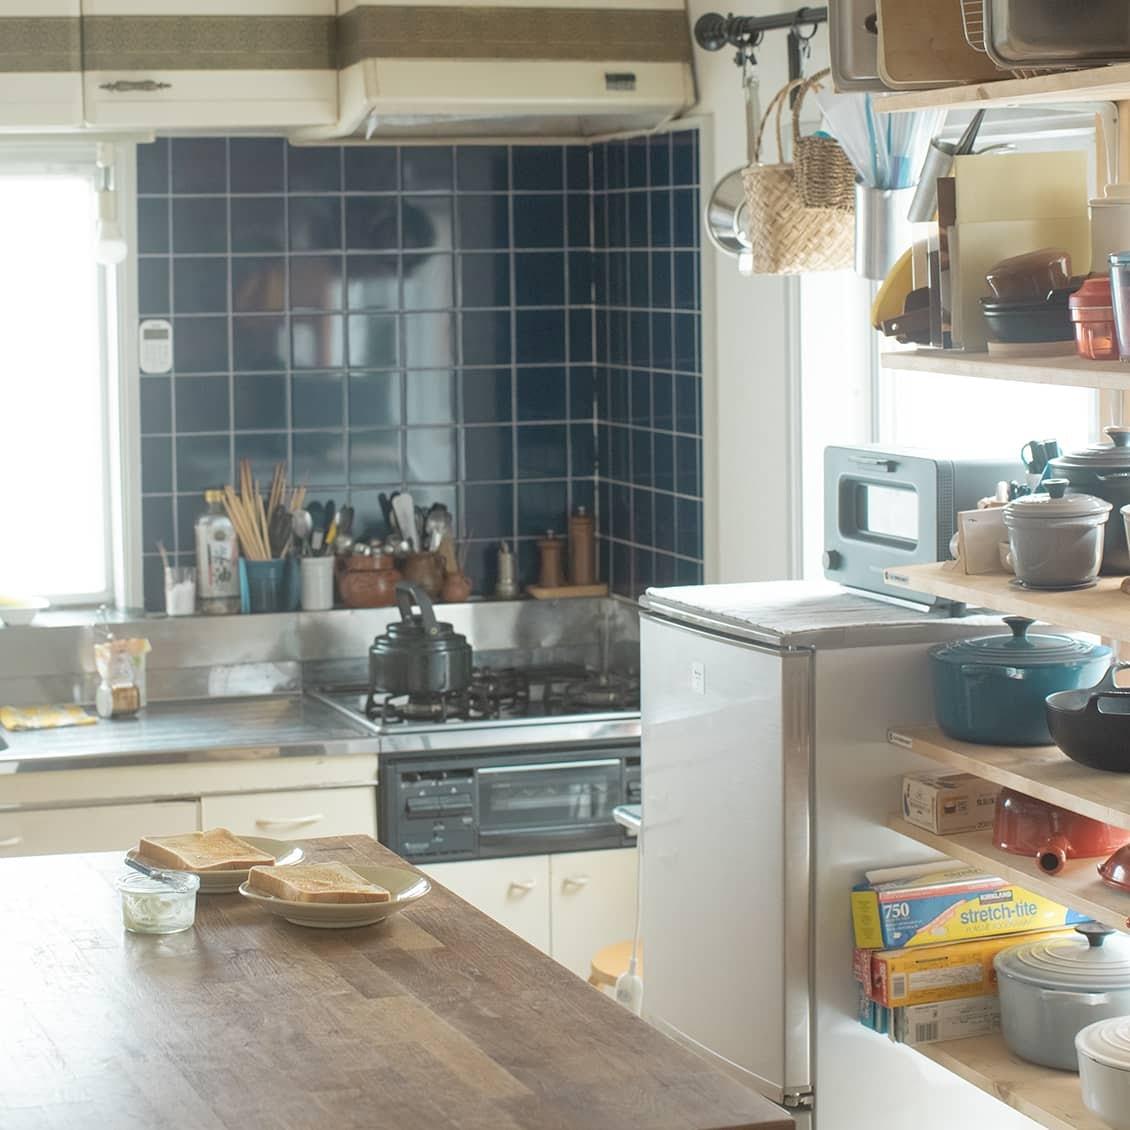 【キッチンカウンターの活用術】仕切りの数は? 家電の位置は? カウンターの使い方アイデア